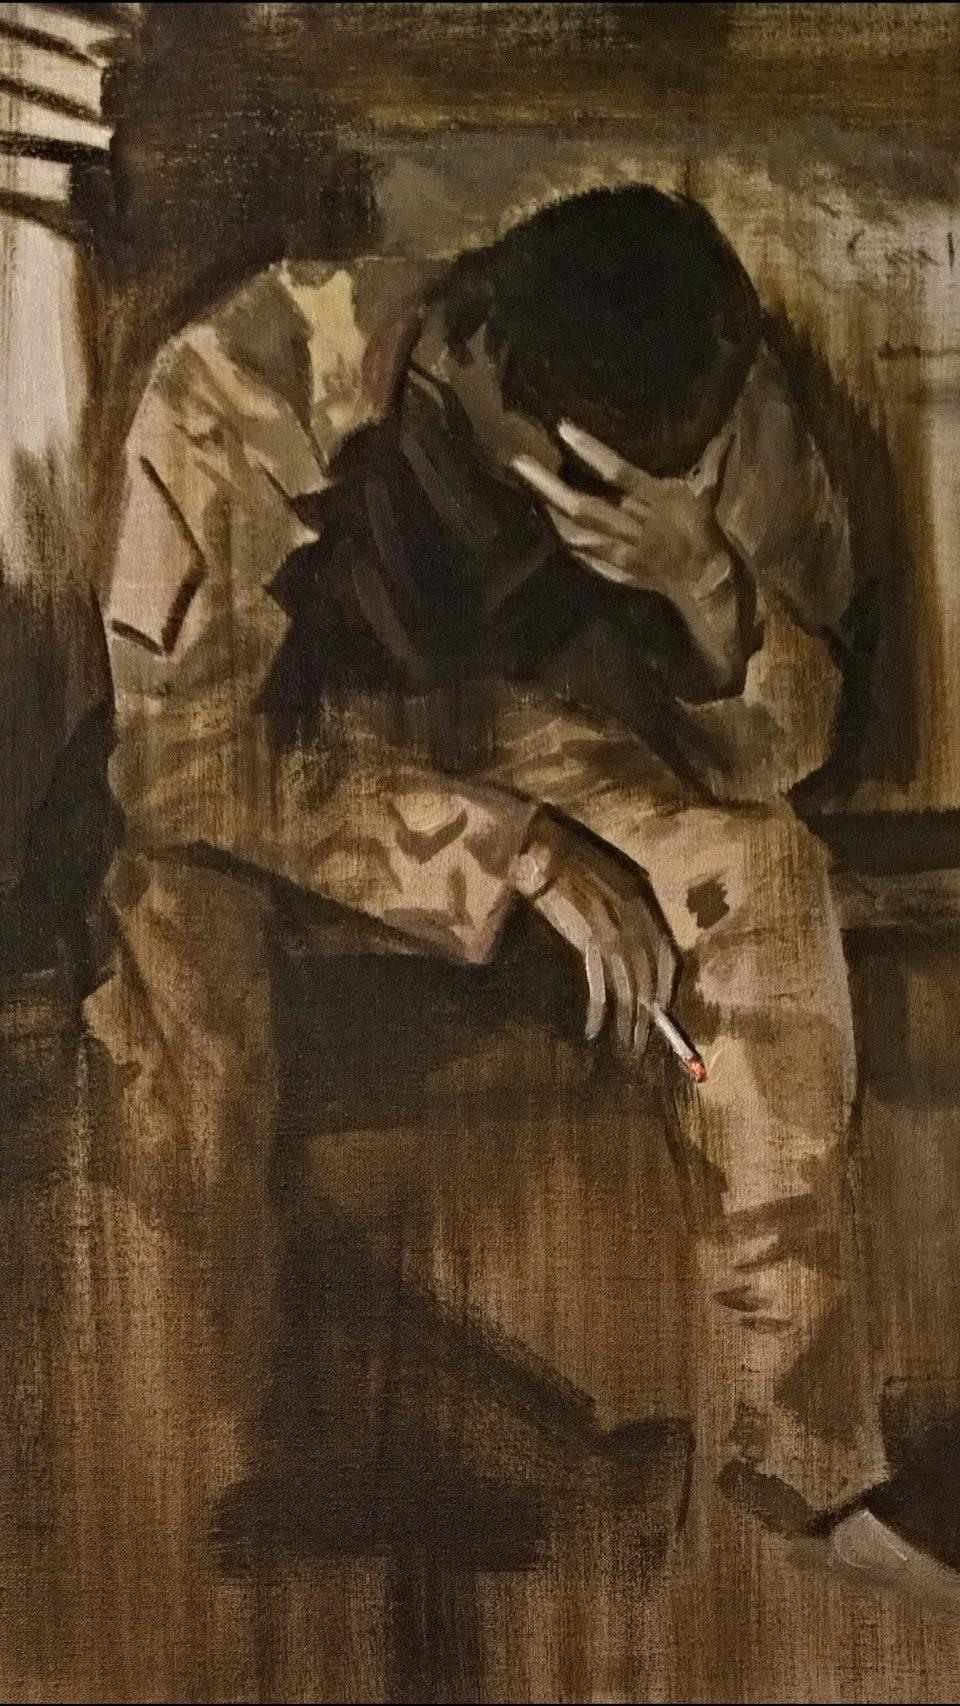 'He was my friend' by Arabella Dorman